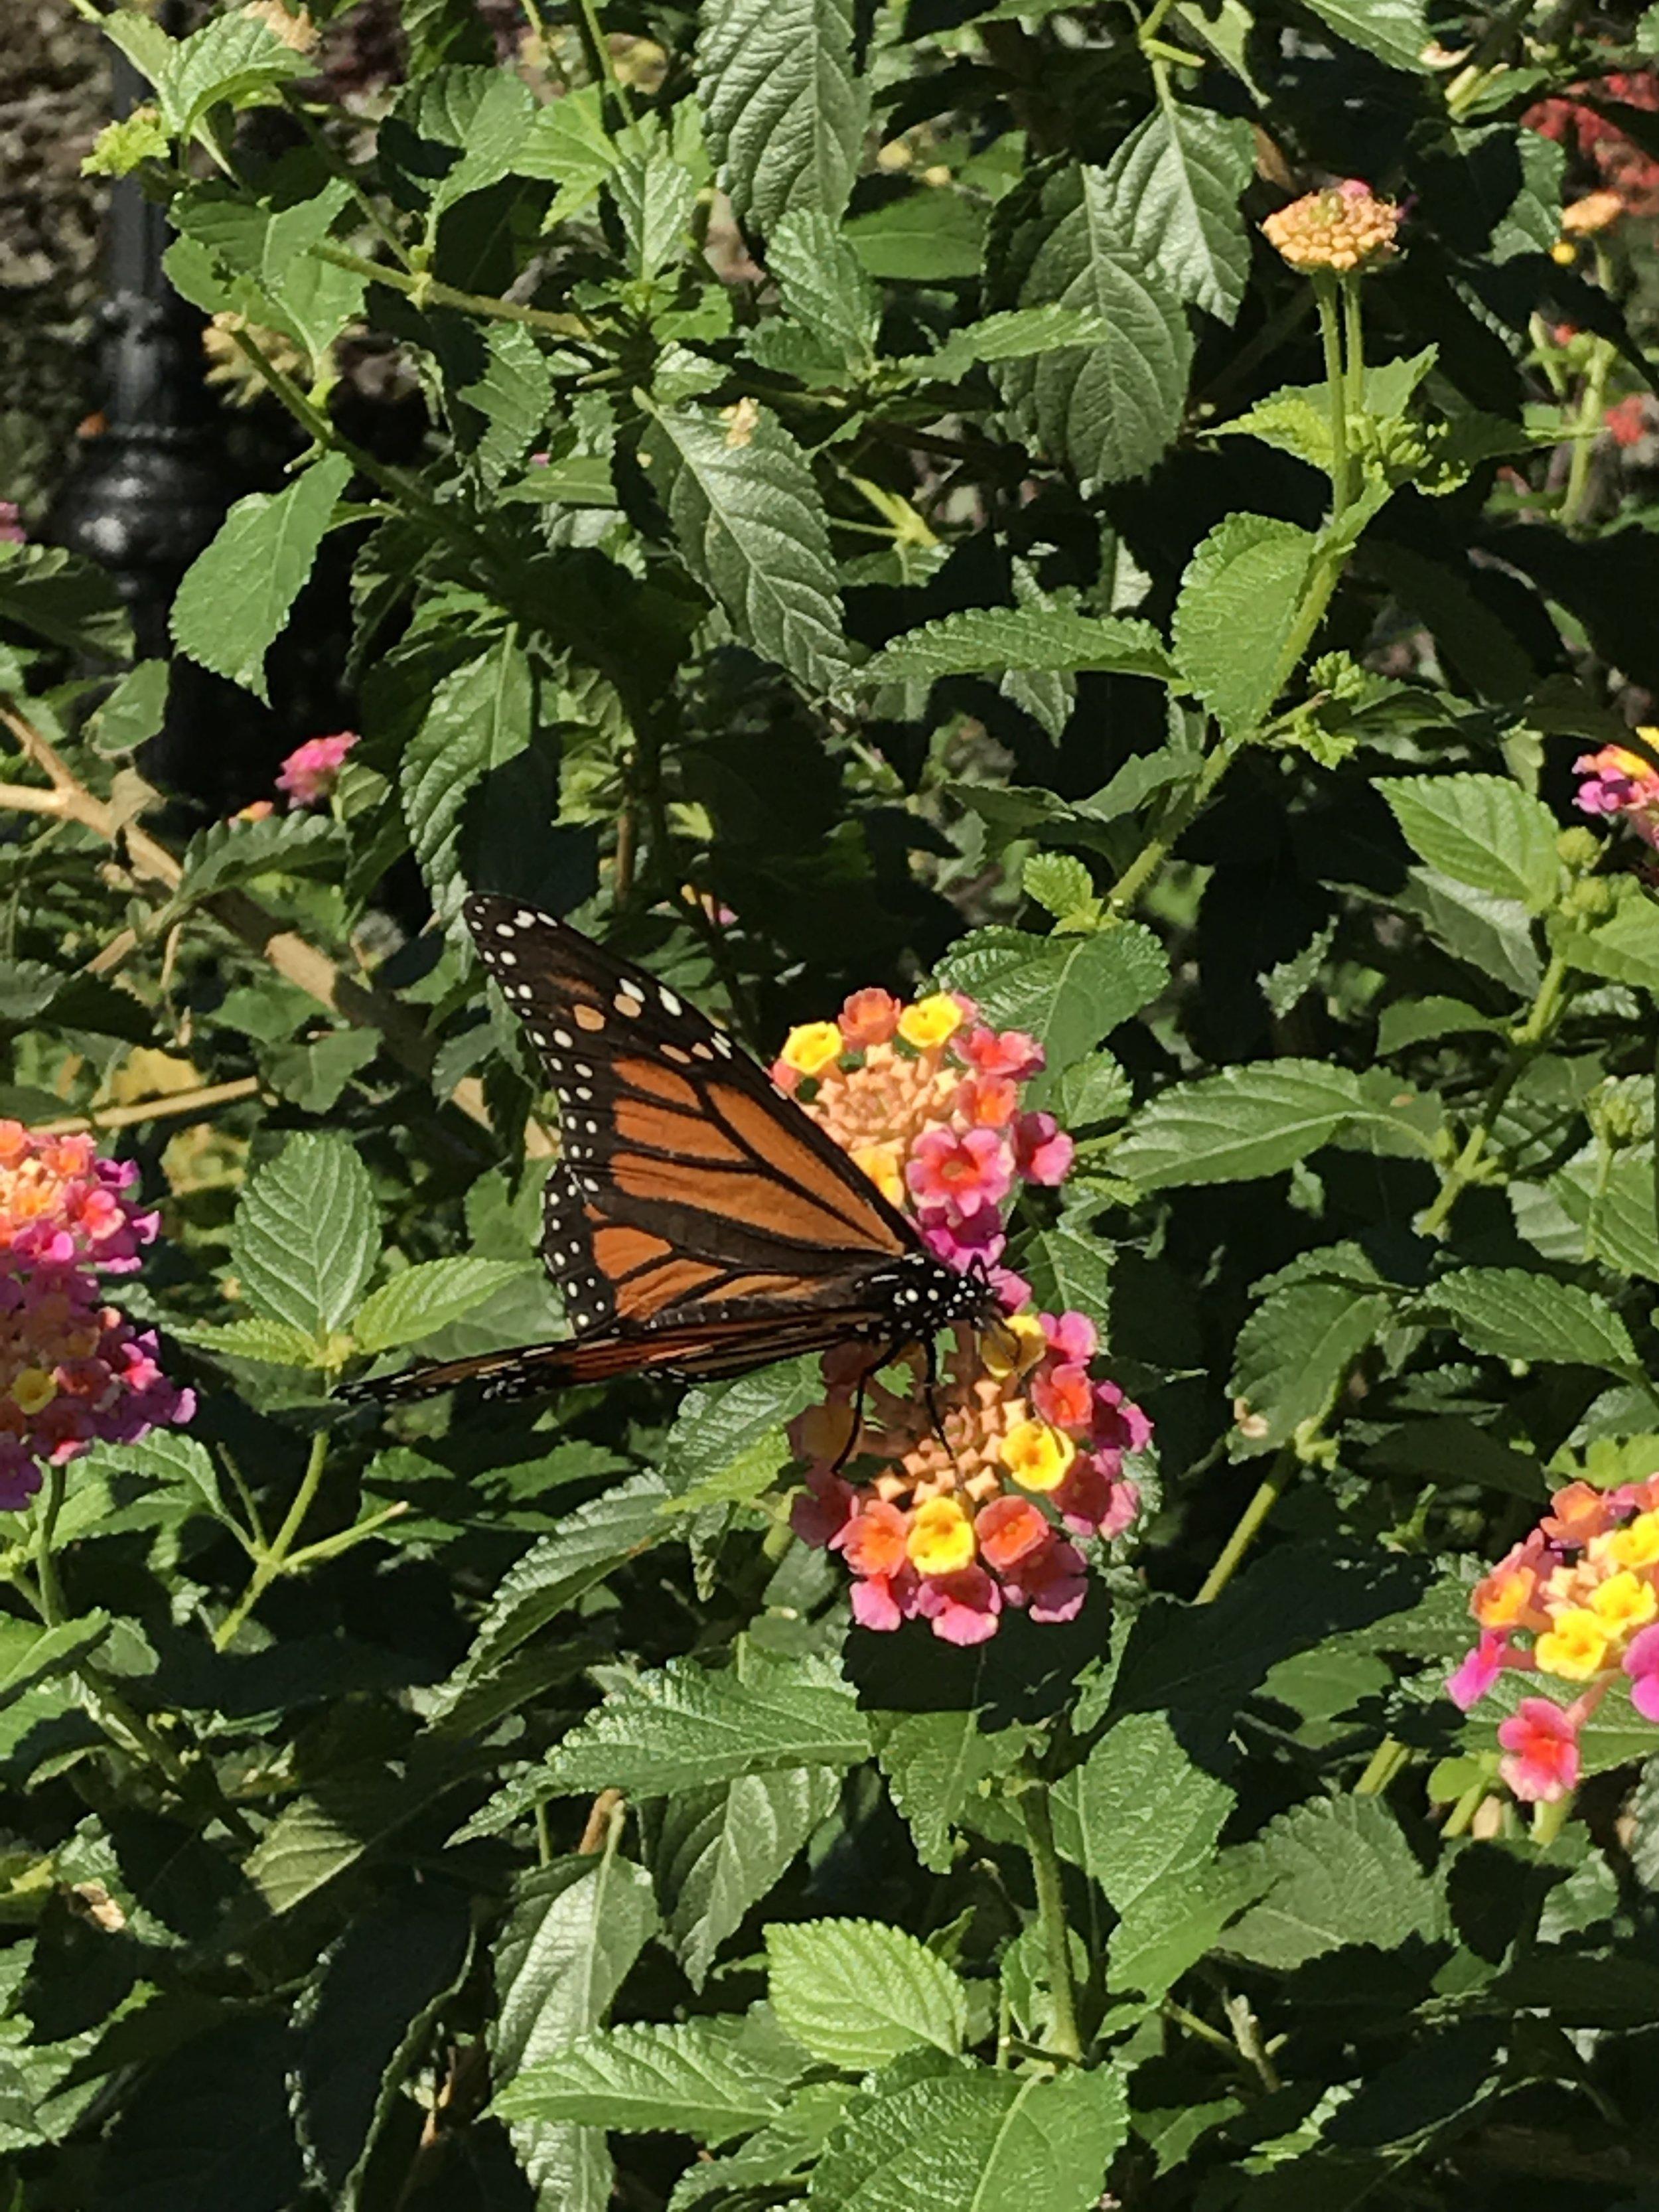 A butterfly on a walk